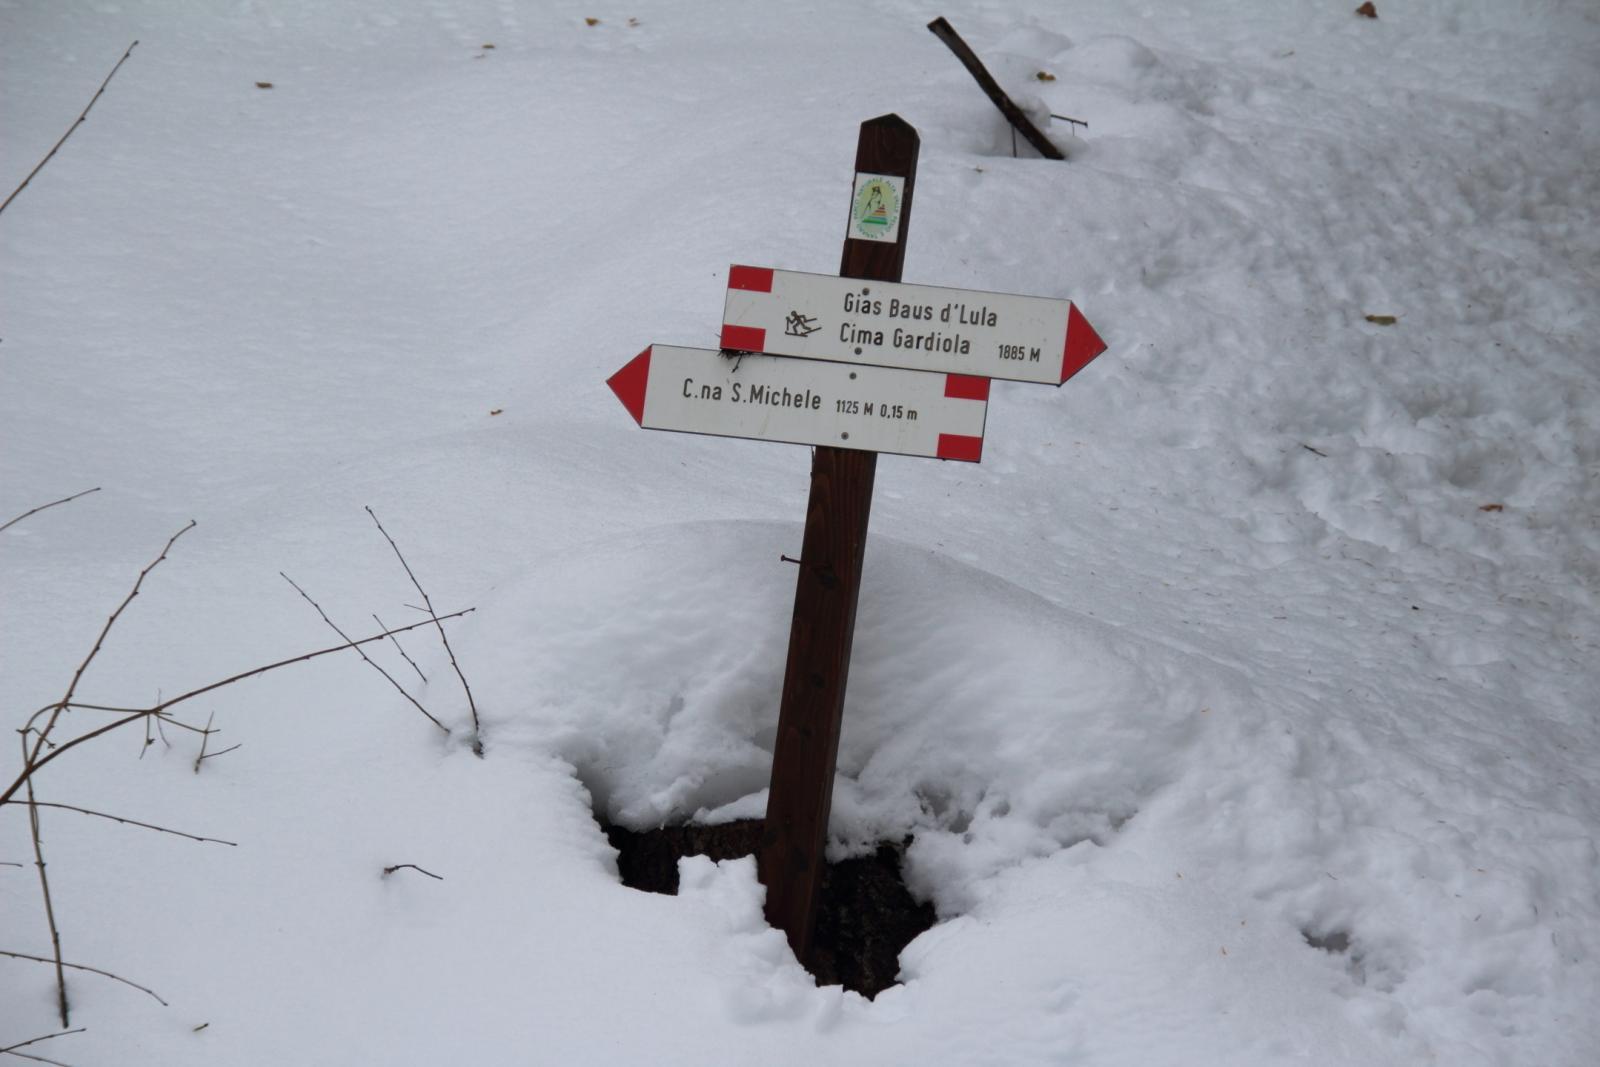 secondo bivio incontrato con cartelli indicatori (21-12-2013)